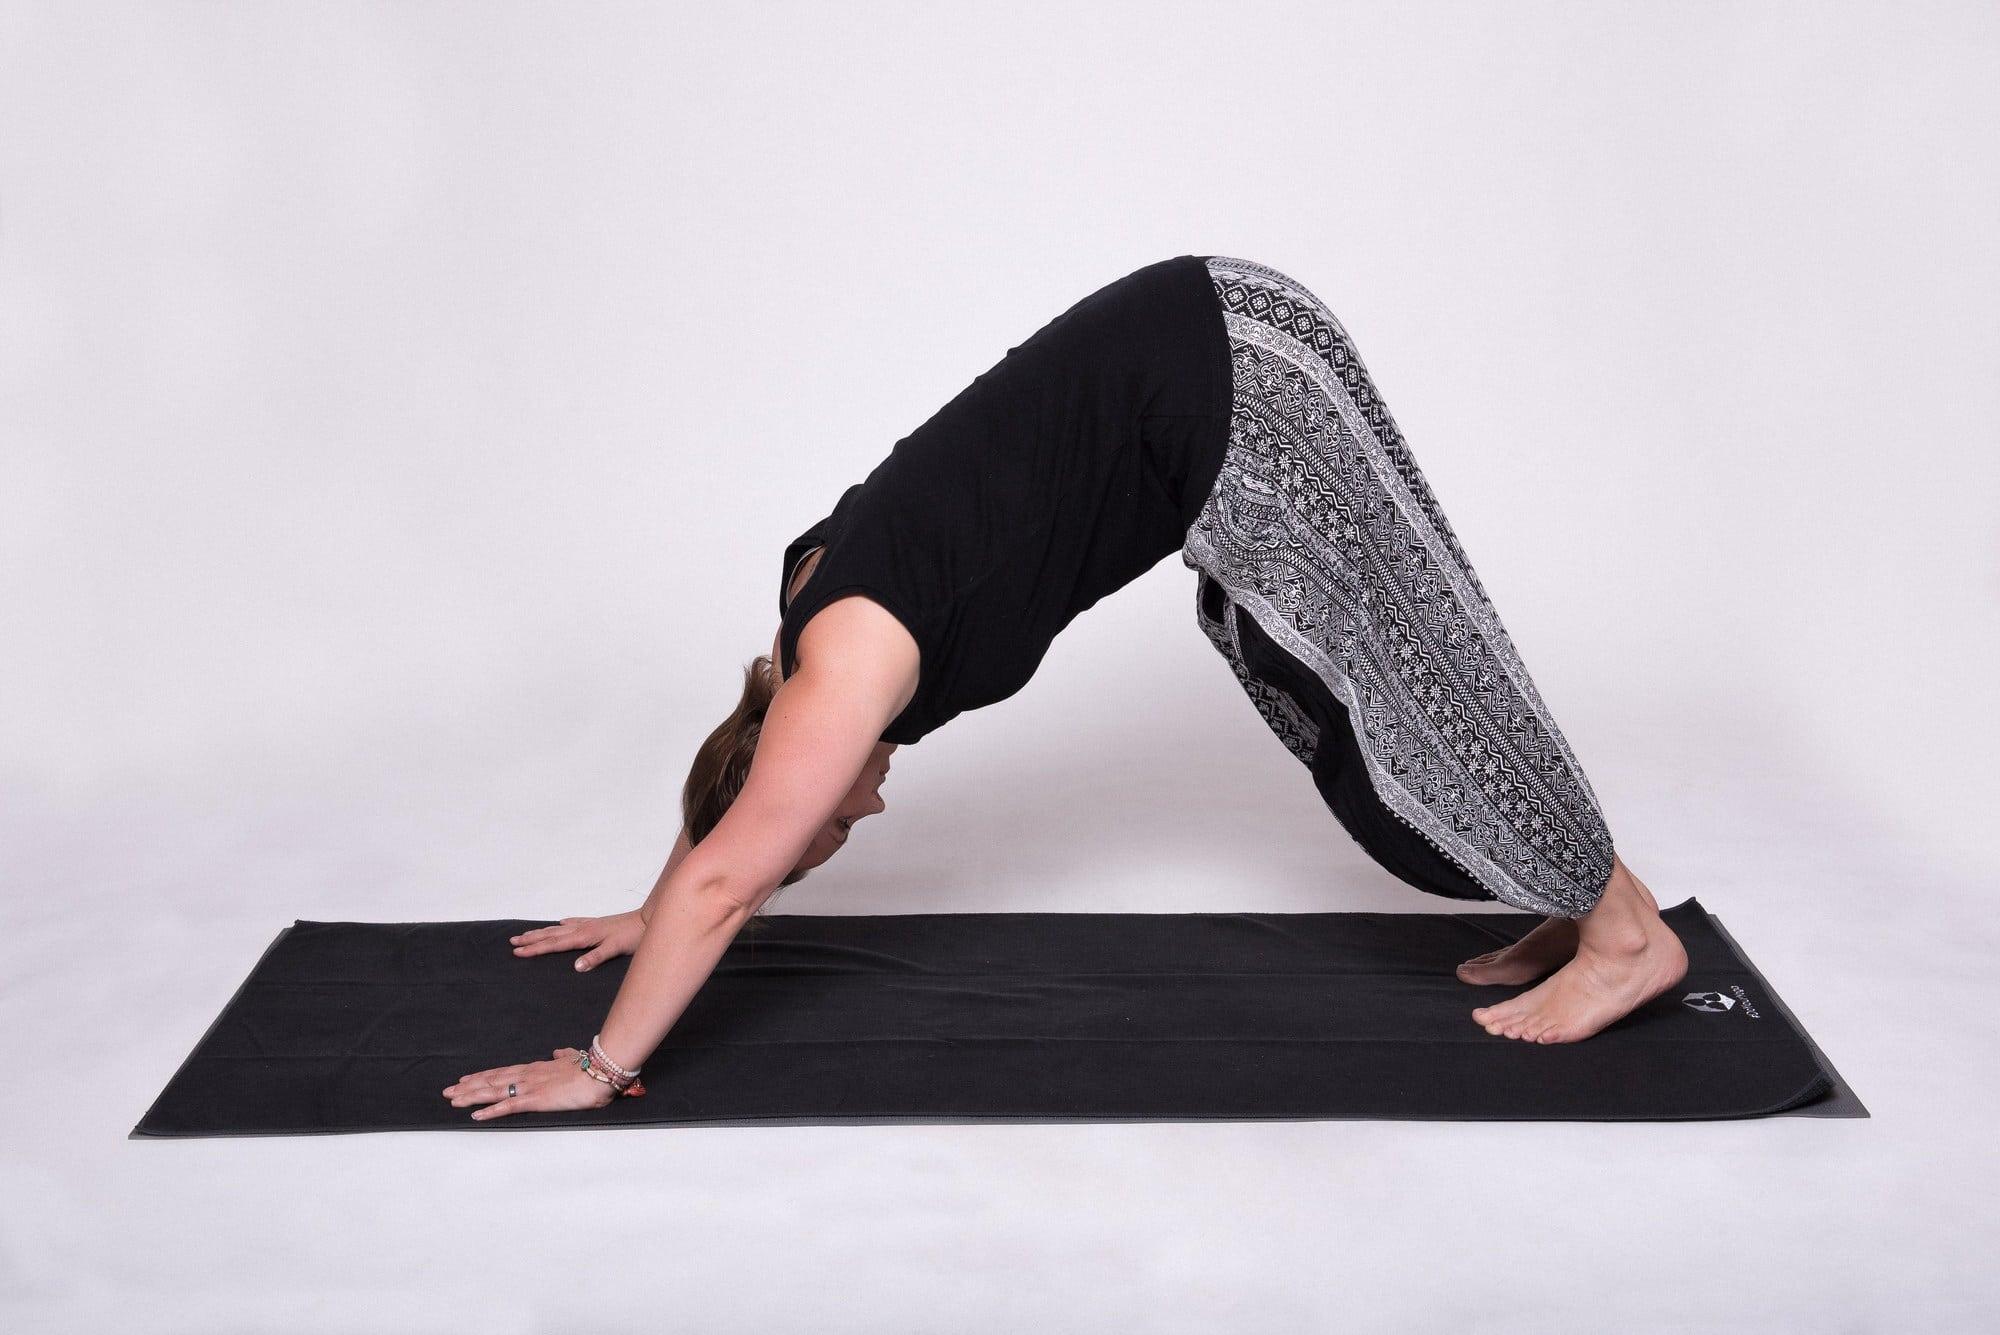 herabschauender Hund Christine Raab Yogamatte